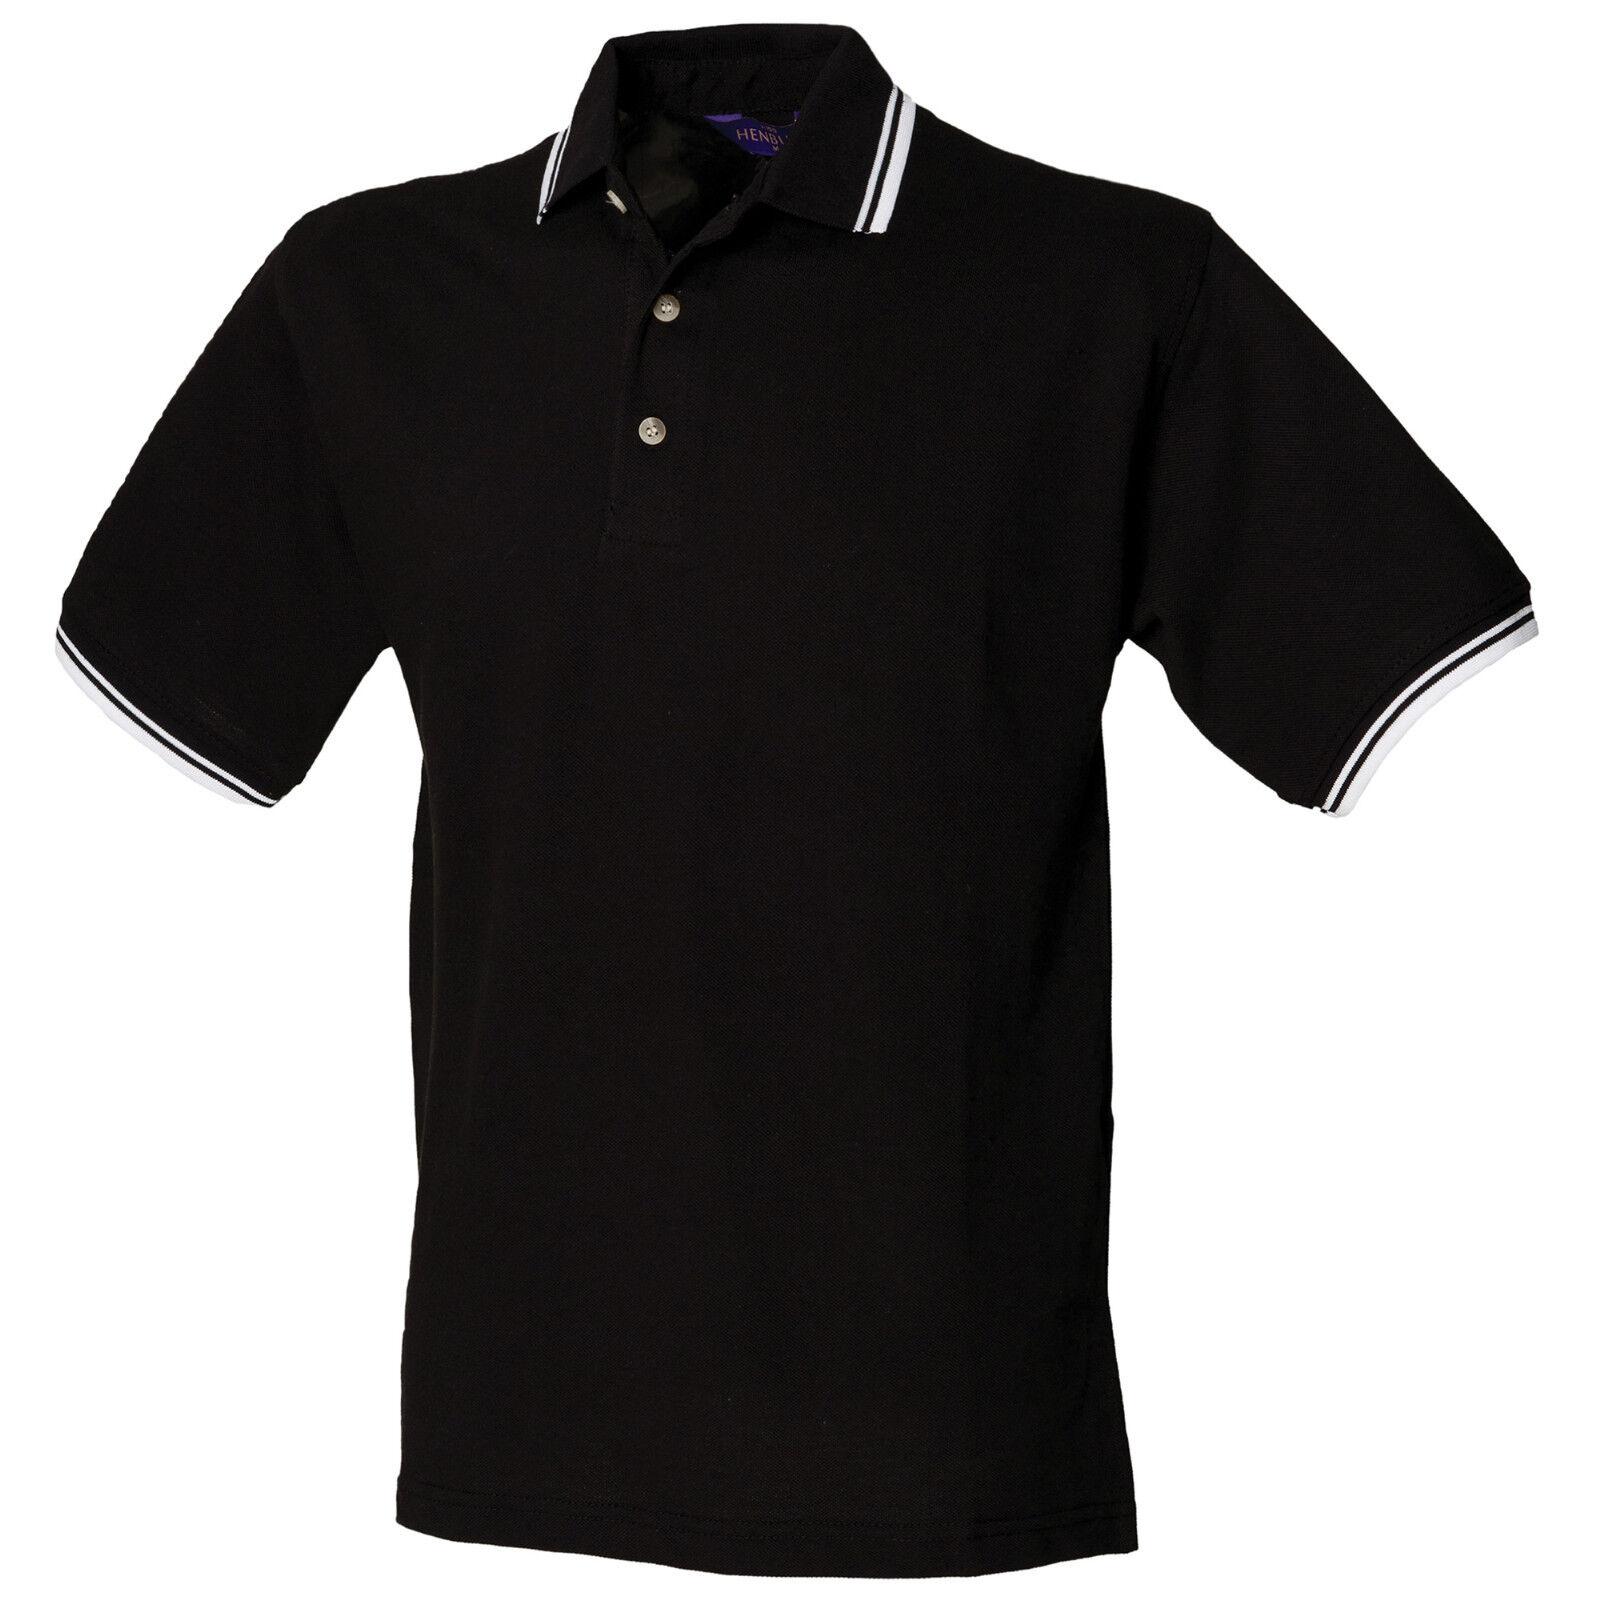 Coton Contraste Polo xxl Henbury 100 Double Tipped H150 Shirt Pique S q1BnwIUxB